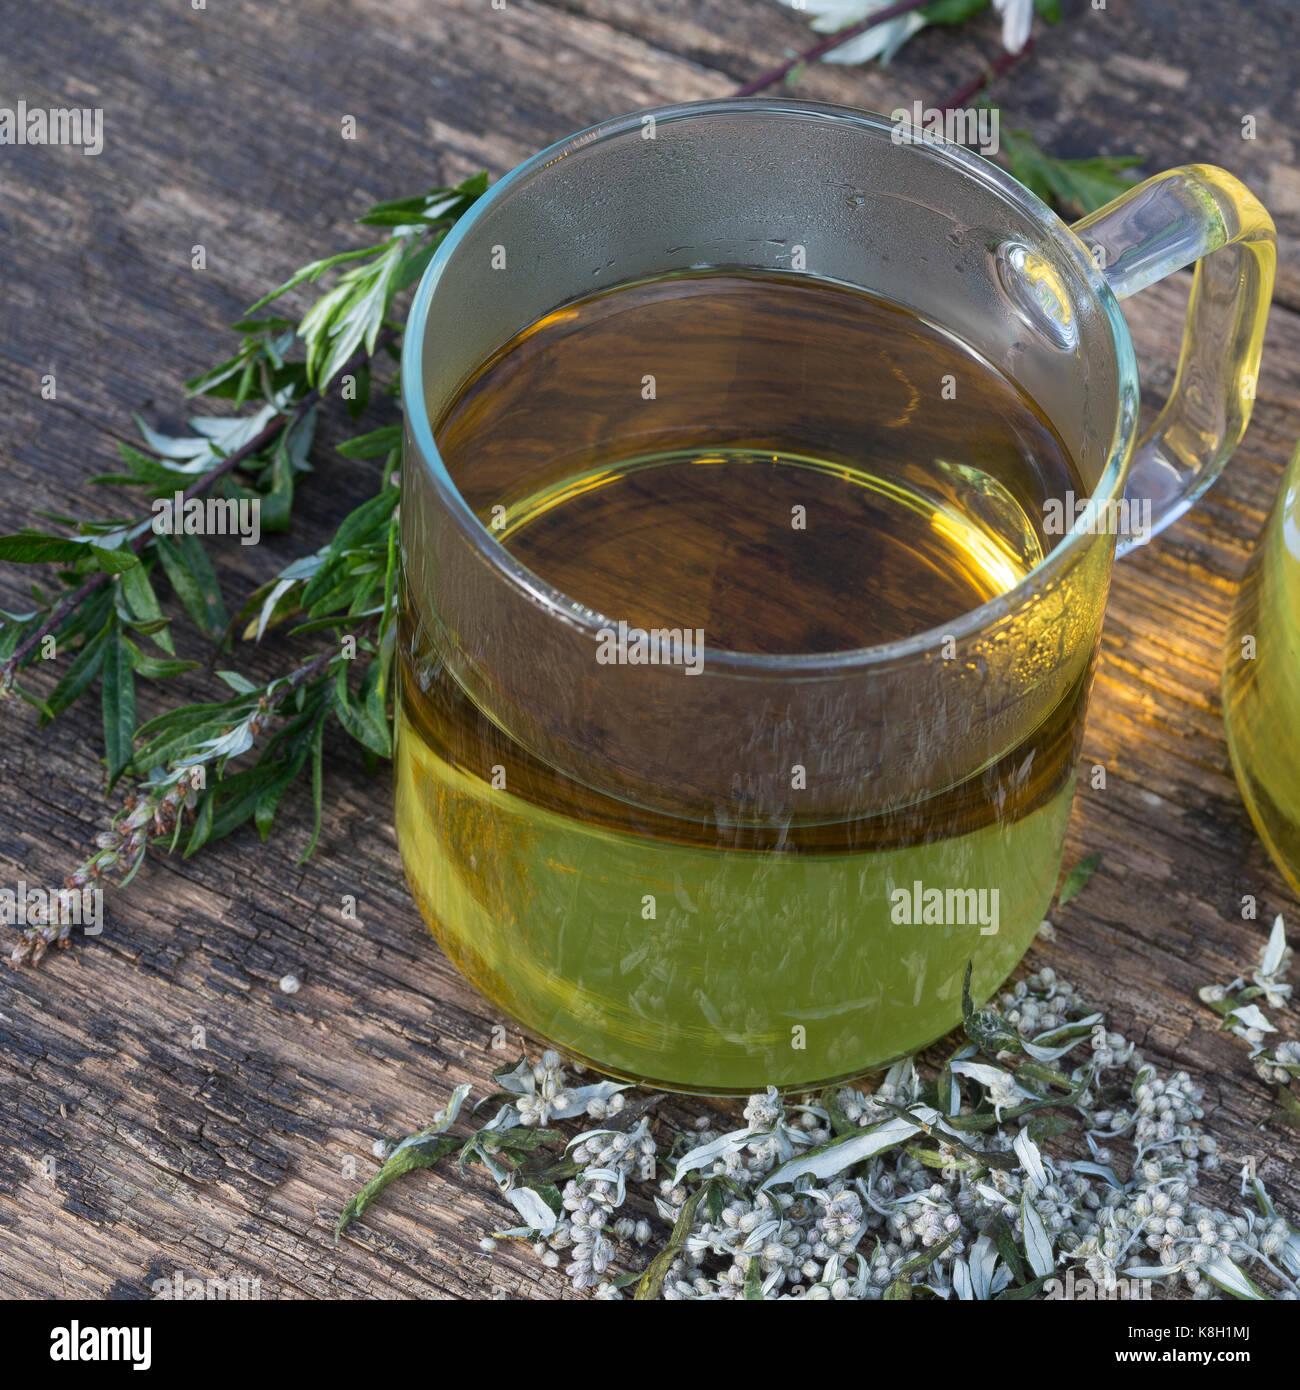 Beifuss-Tee, Beifusstee, Tee, Kräutertee, Heiltee